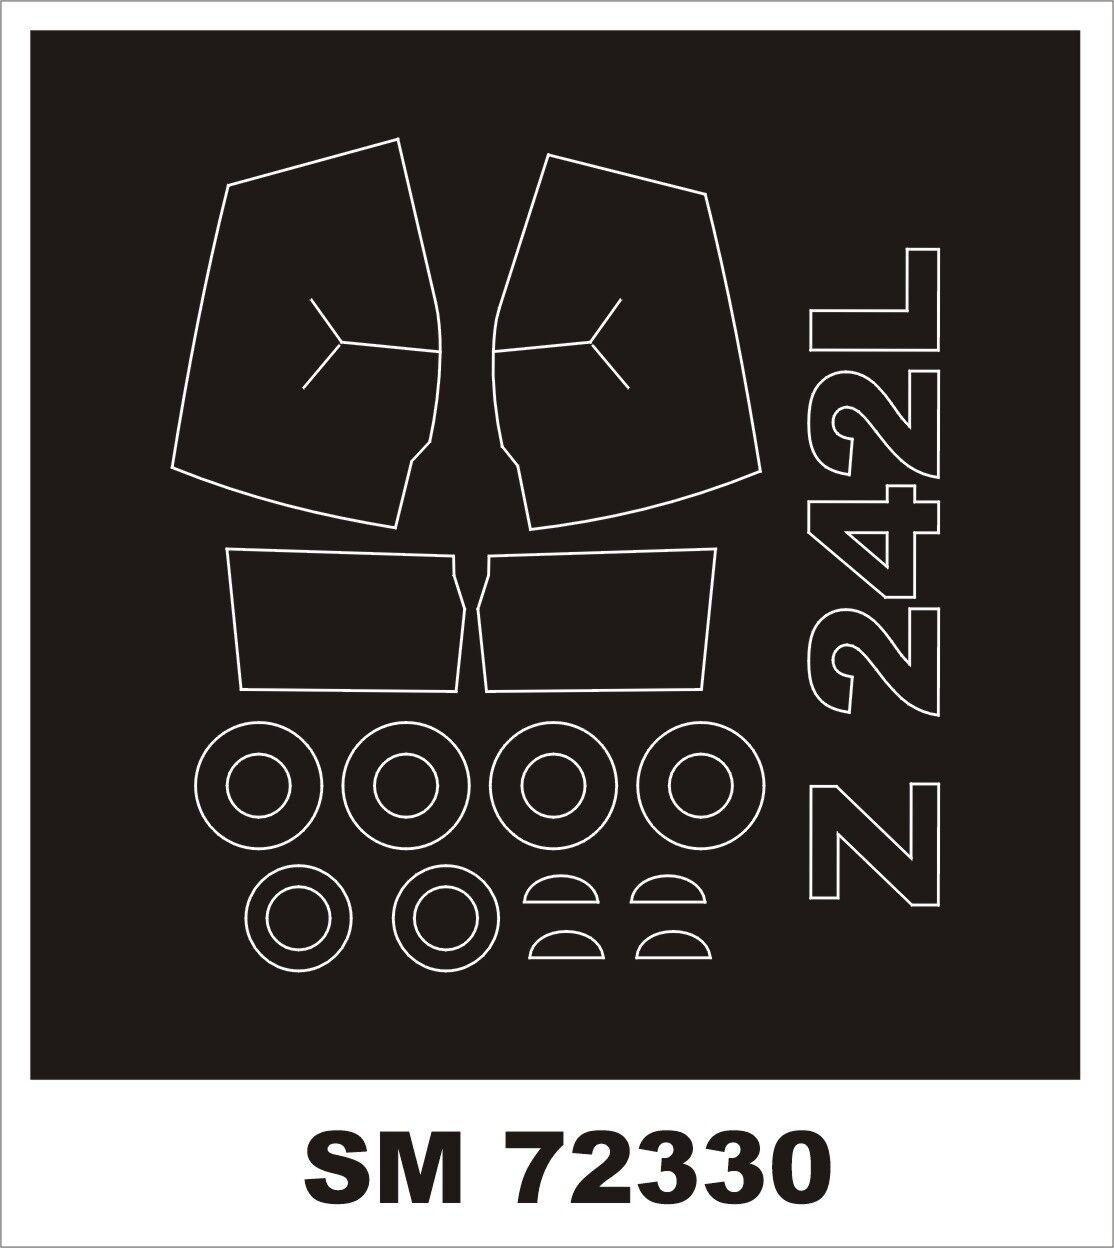 MXSM72330